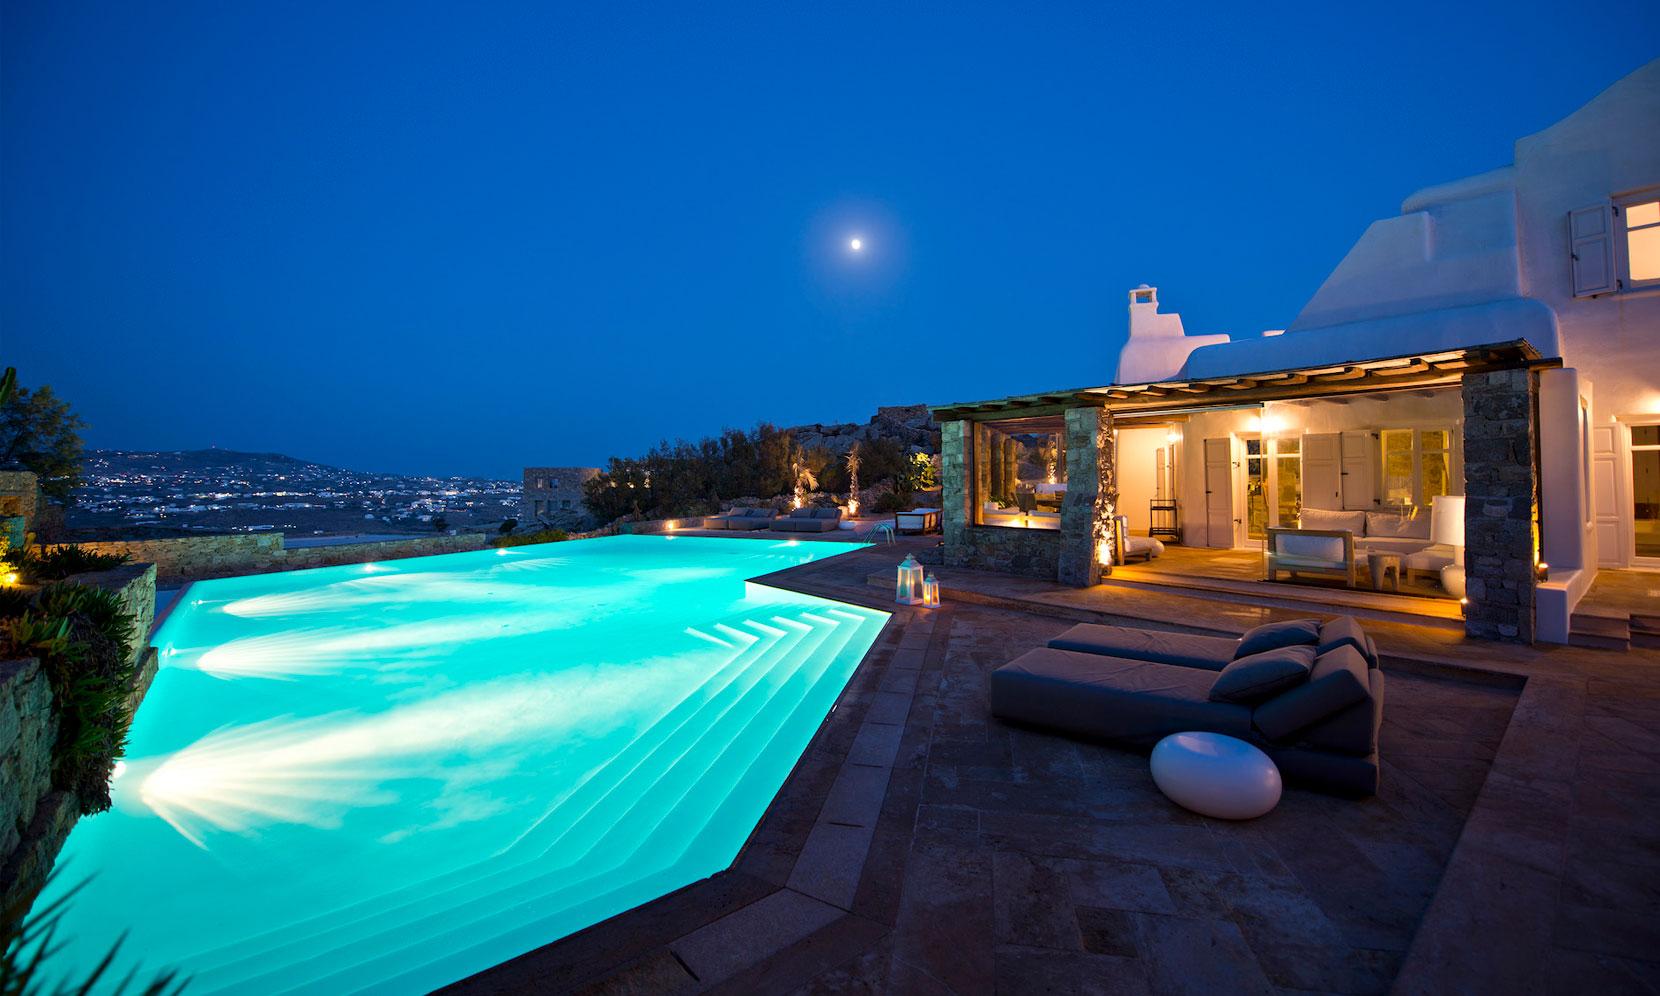 Mykonos Villa Orion jumbotron image